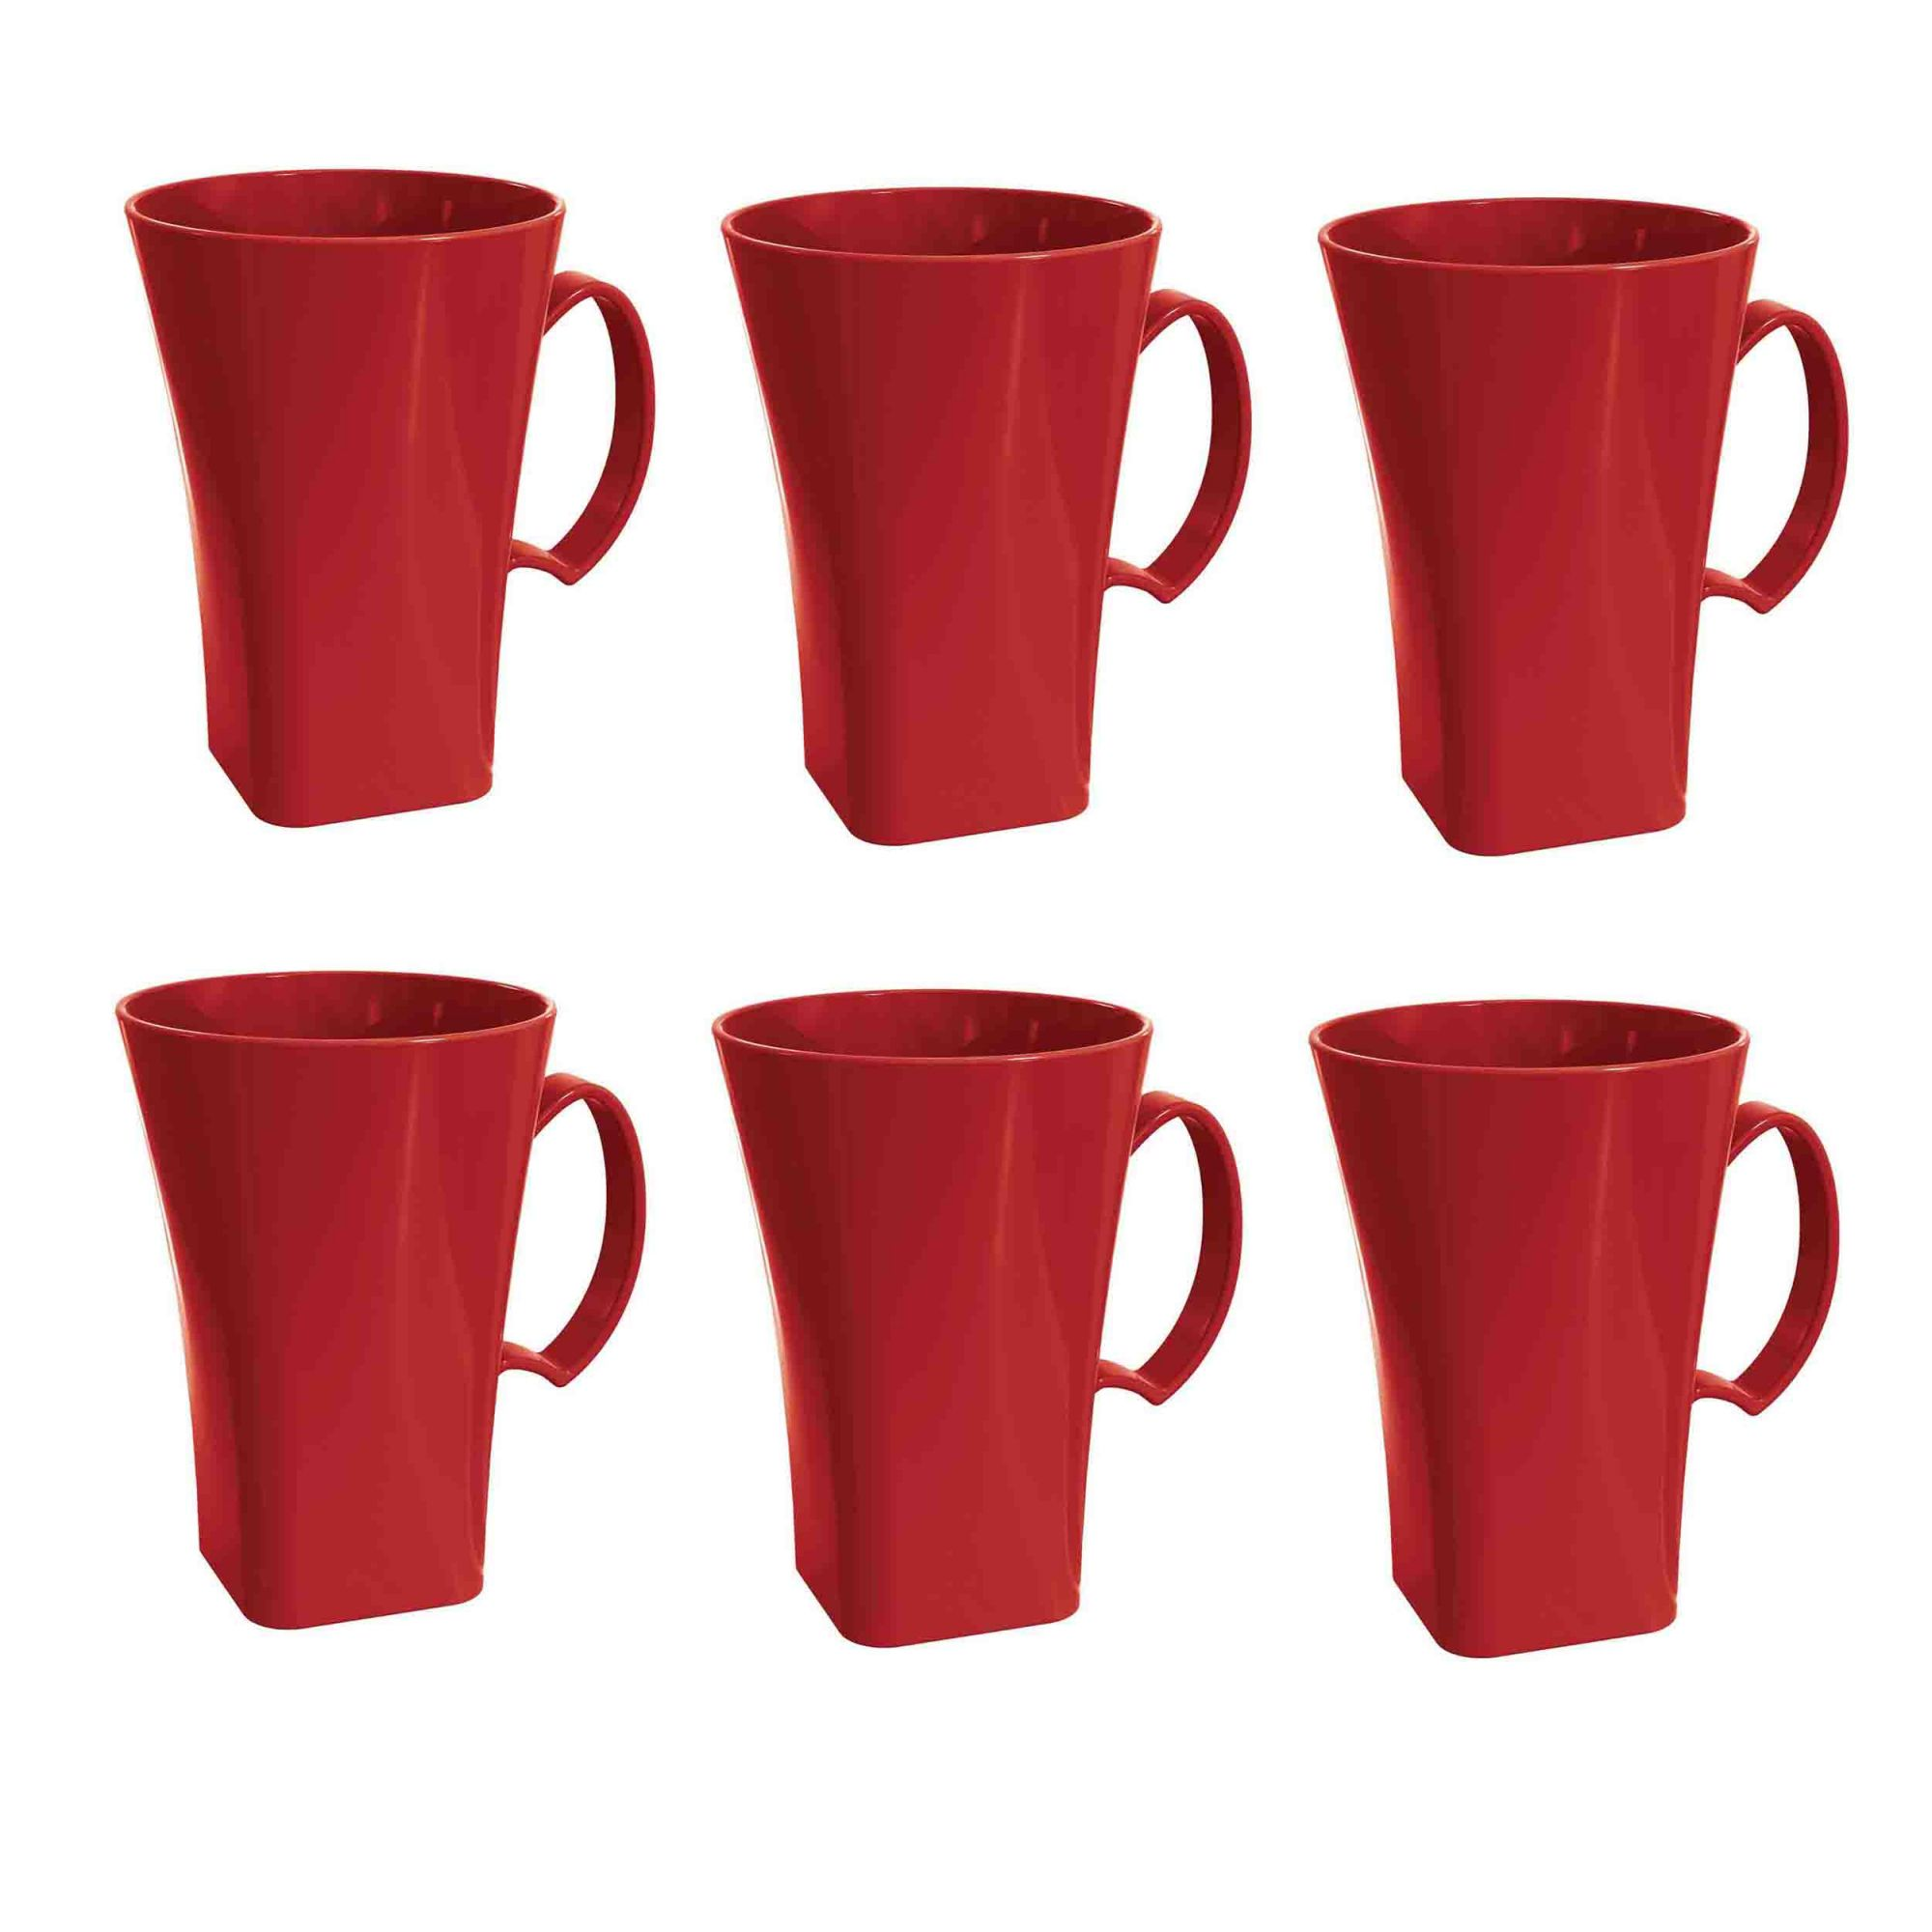 Kit 6 Canecas Capuccino 400ml Plástico Uz Utilidades Vermelho